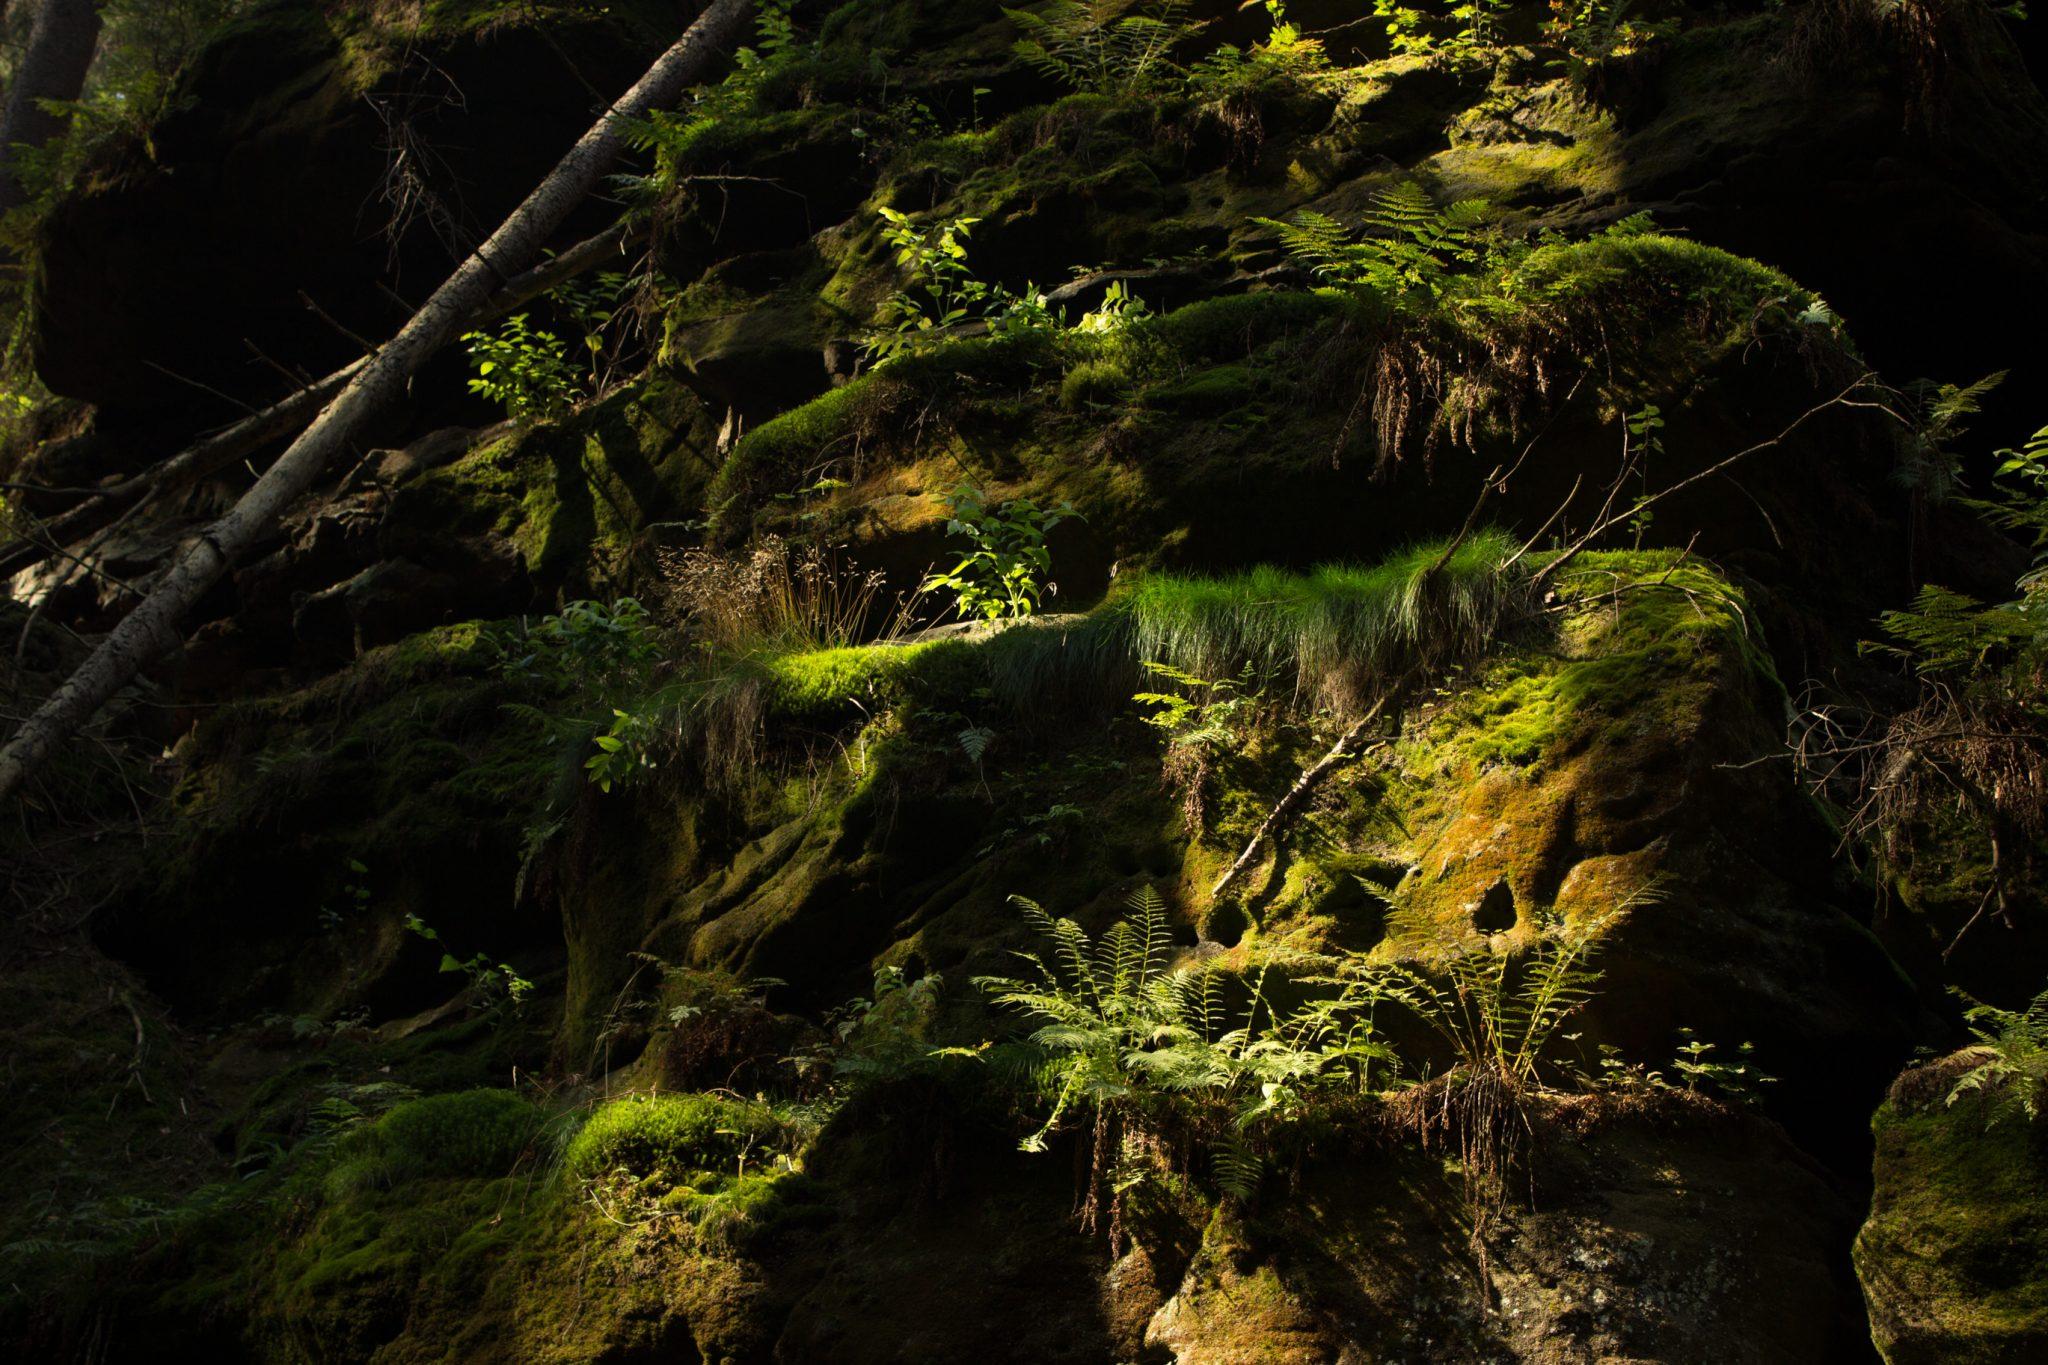 Zeughaus Roß- und Goldsteig Richterschlüchte im Kirnitzschtal wandern, Wanderweg im Wanderparadies Sächsische Schweiz mit vielen tollen Aussichten, riesiger Felsennationalpark, moosbewachsene Felsen mit Farne